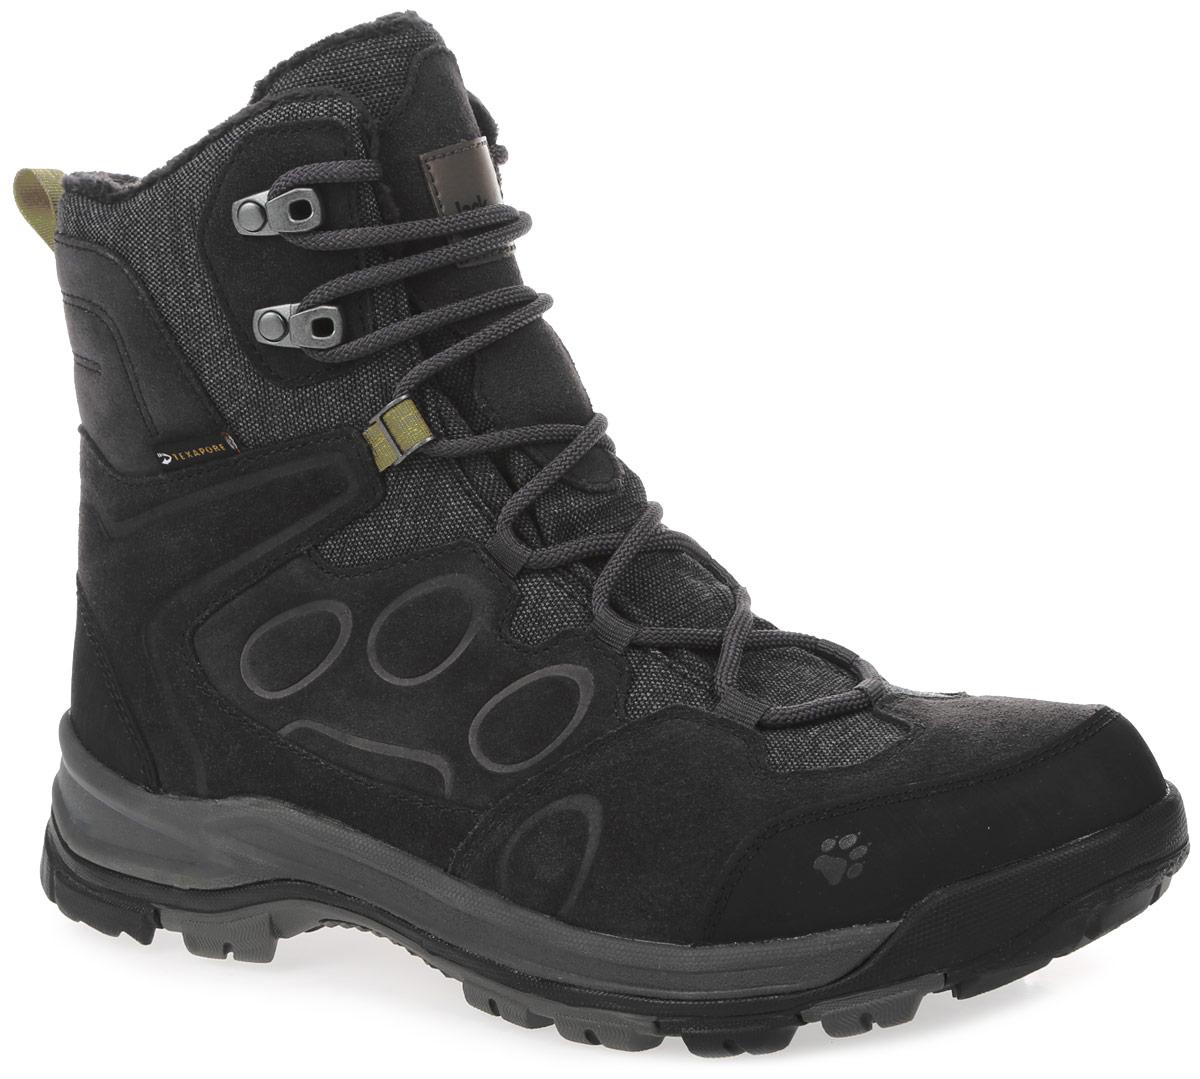 Ботинки трекинговые мужские. 4020491-63500804020491-6350080Водостойкие зимние ботинки до середины икры с теплой флисовой подкладкой. Сухие и теплые ноги во время прогулок на природе: водостойкие зимние сапоги THUNDER BAY TEXAPORE HIGH защищают ноги от холода (до -20 °C) благодаря новой флисовой подкладке NANUK (НАНУК). Защиту от влаги обеспечивает мембрана TEXAPORE (ТЕКСАПОР). Голенище из замши и дышащей ткани стабилизирует щиколотку. Стабильная и устойчивая к скольжению туристическая подошва WOLF SNOW (ВОЛЬФ СНОУ) тоже добавляет практичности. Она обеспечивает хорошую фиксацию, например на прогулках по зимнему ландшафту.